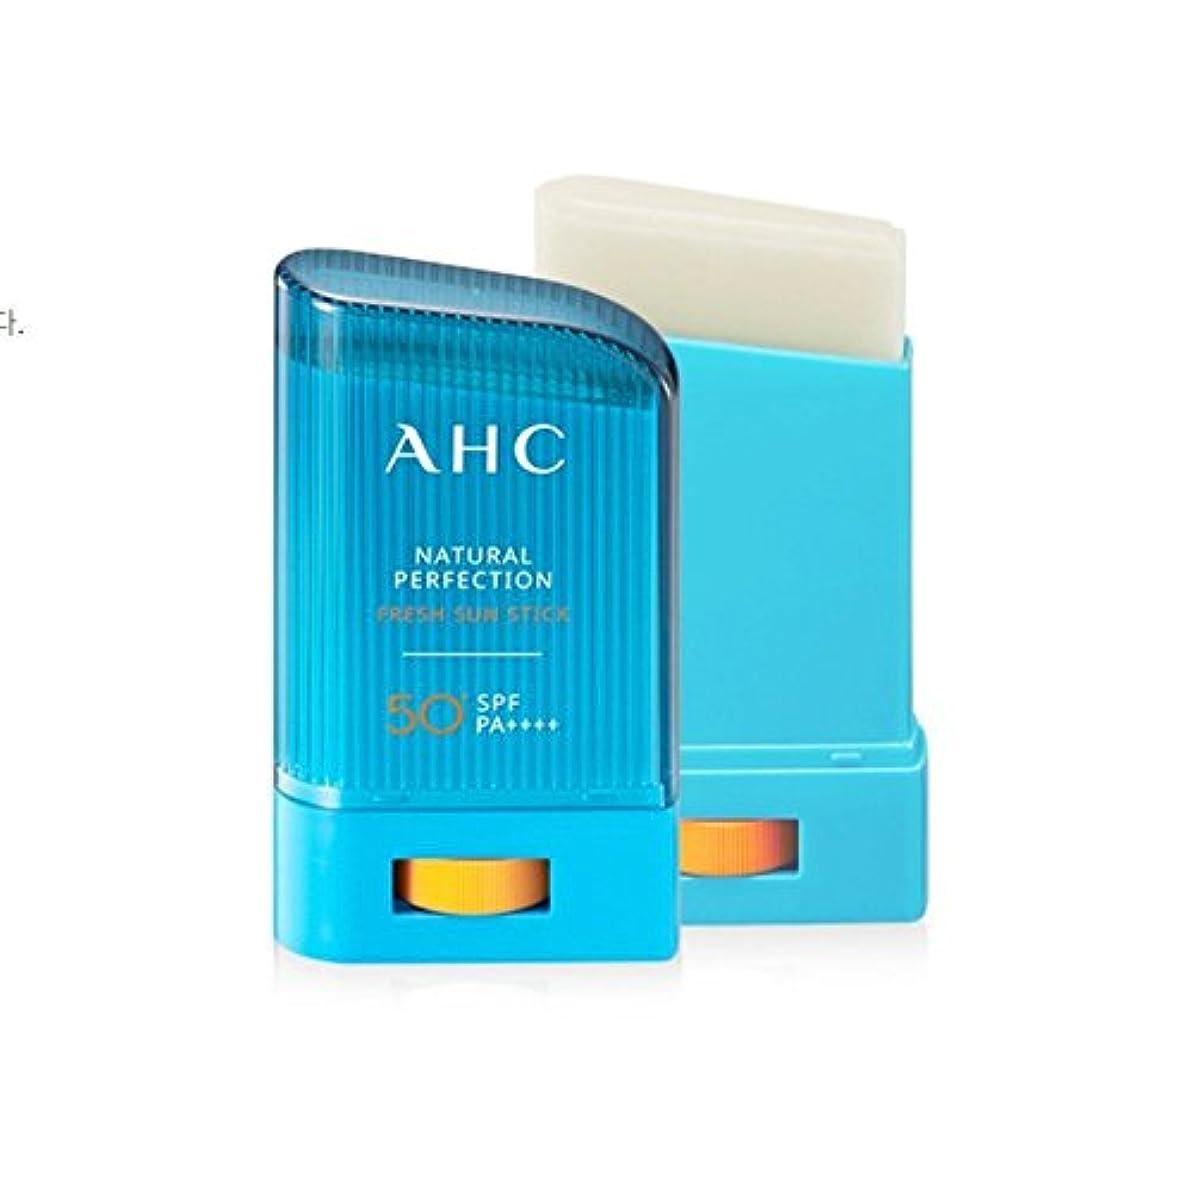 取り組む型貼り直す[1+1] AHC Natural Perfection Fresh Sun Stick ナチュラルパーフェクションフレッシュサンスティック 22g * 2個 [並行輸入品]